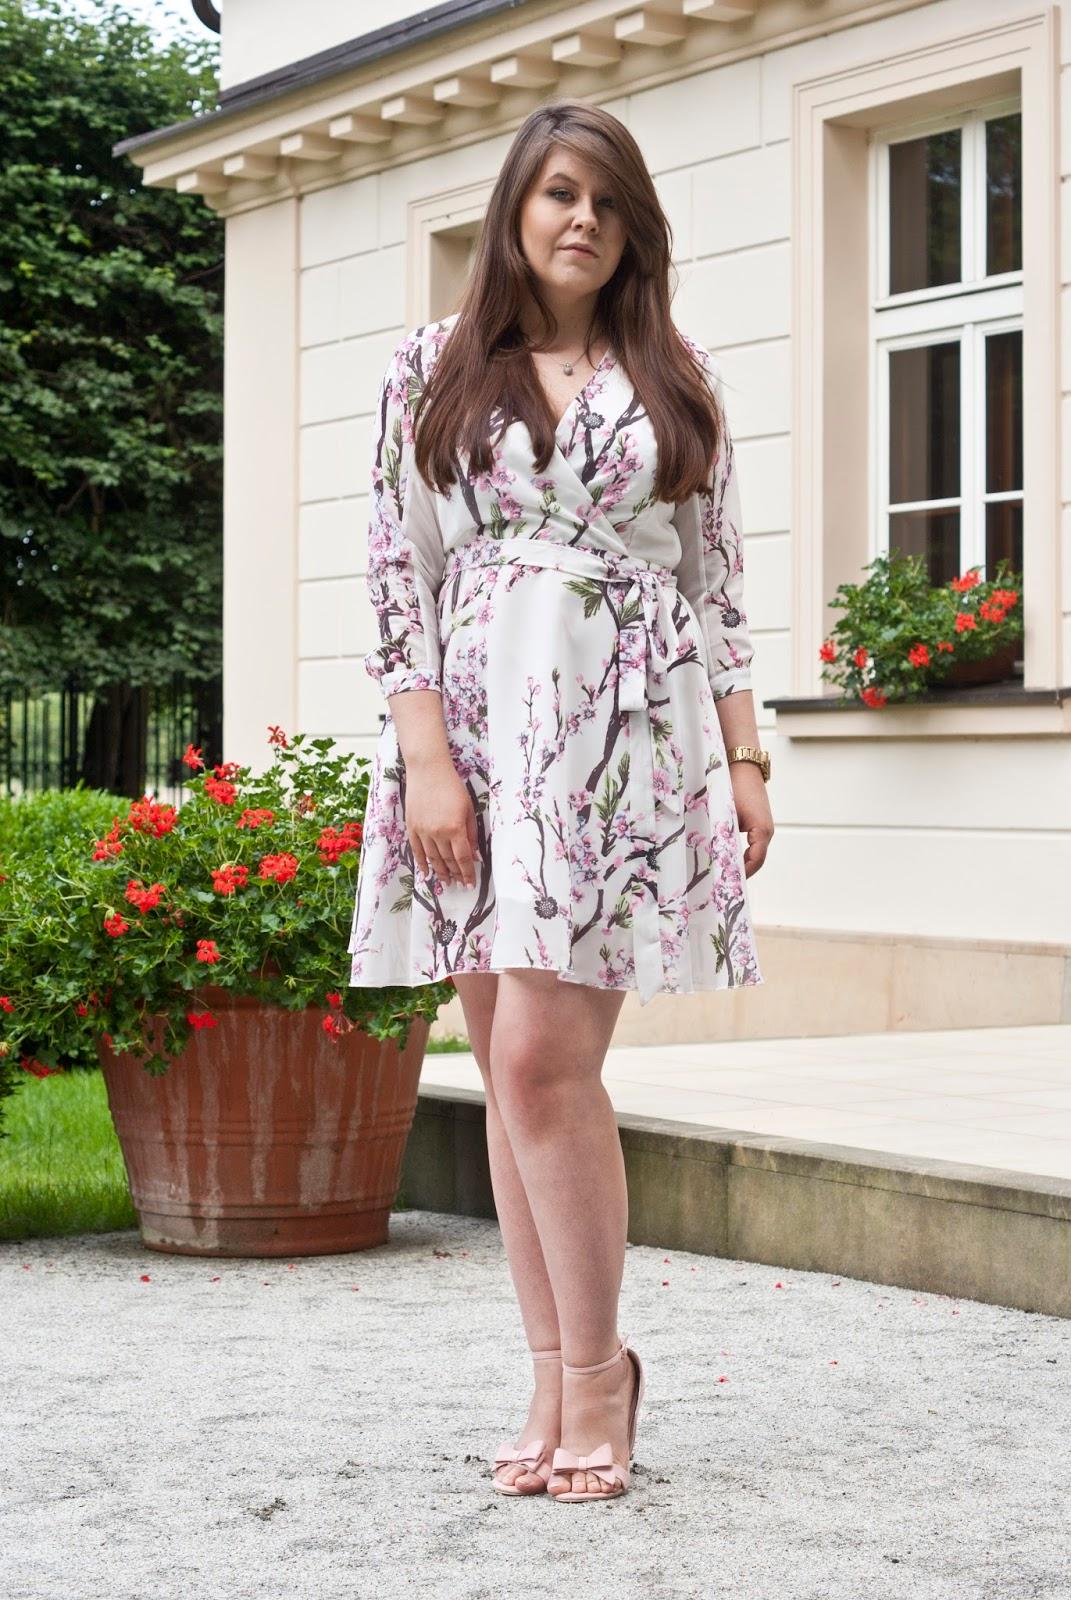 Kwiatowa Sukienka Weselna / Floral Dress